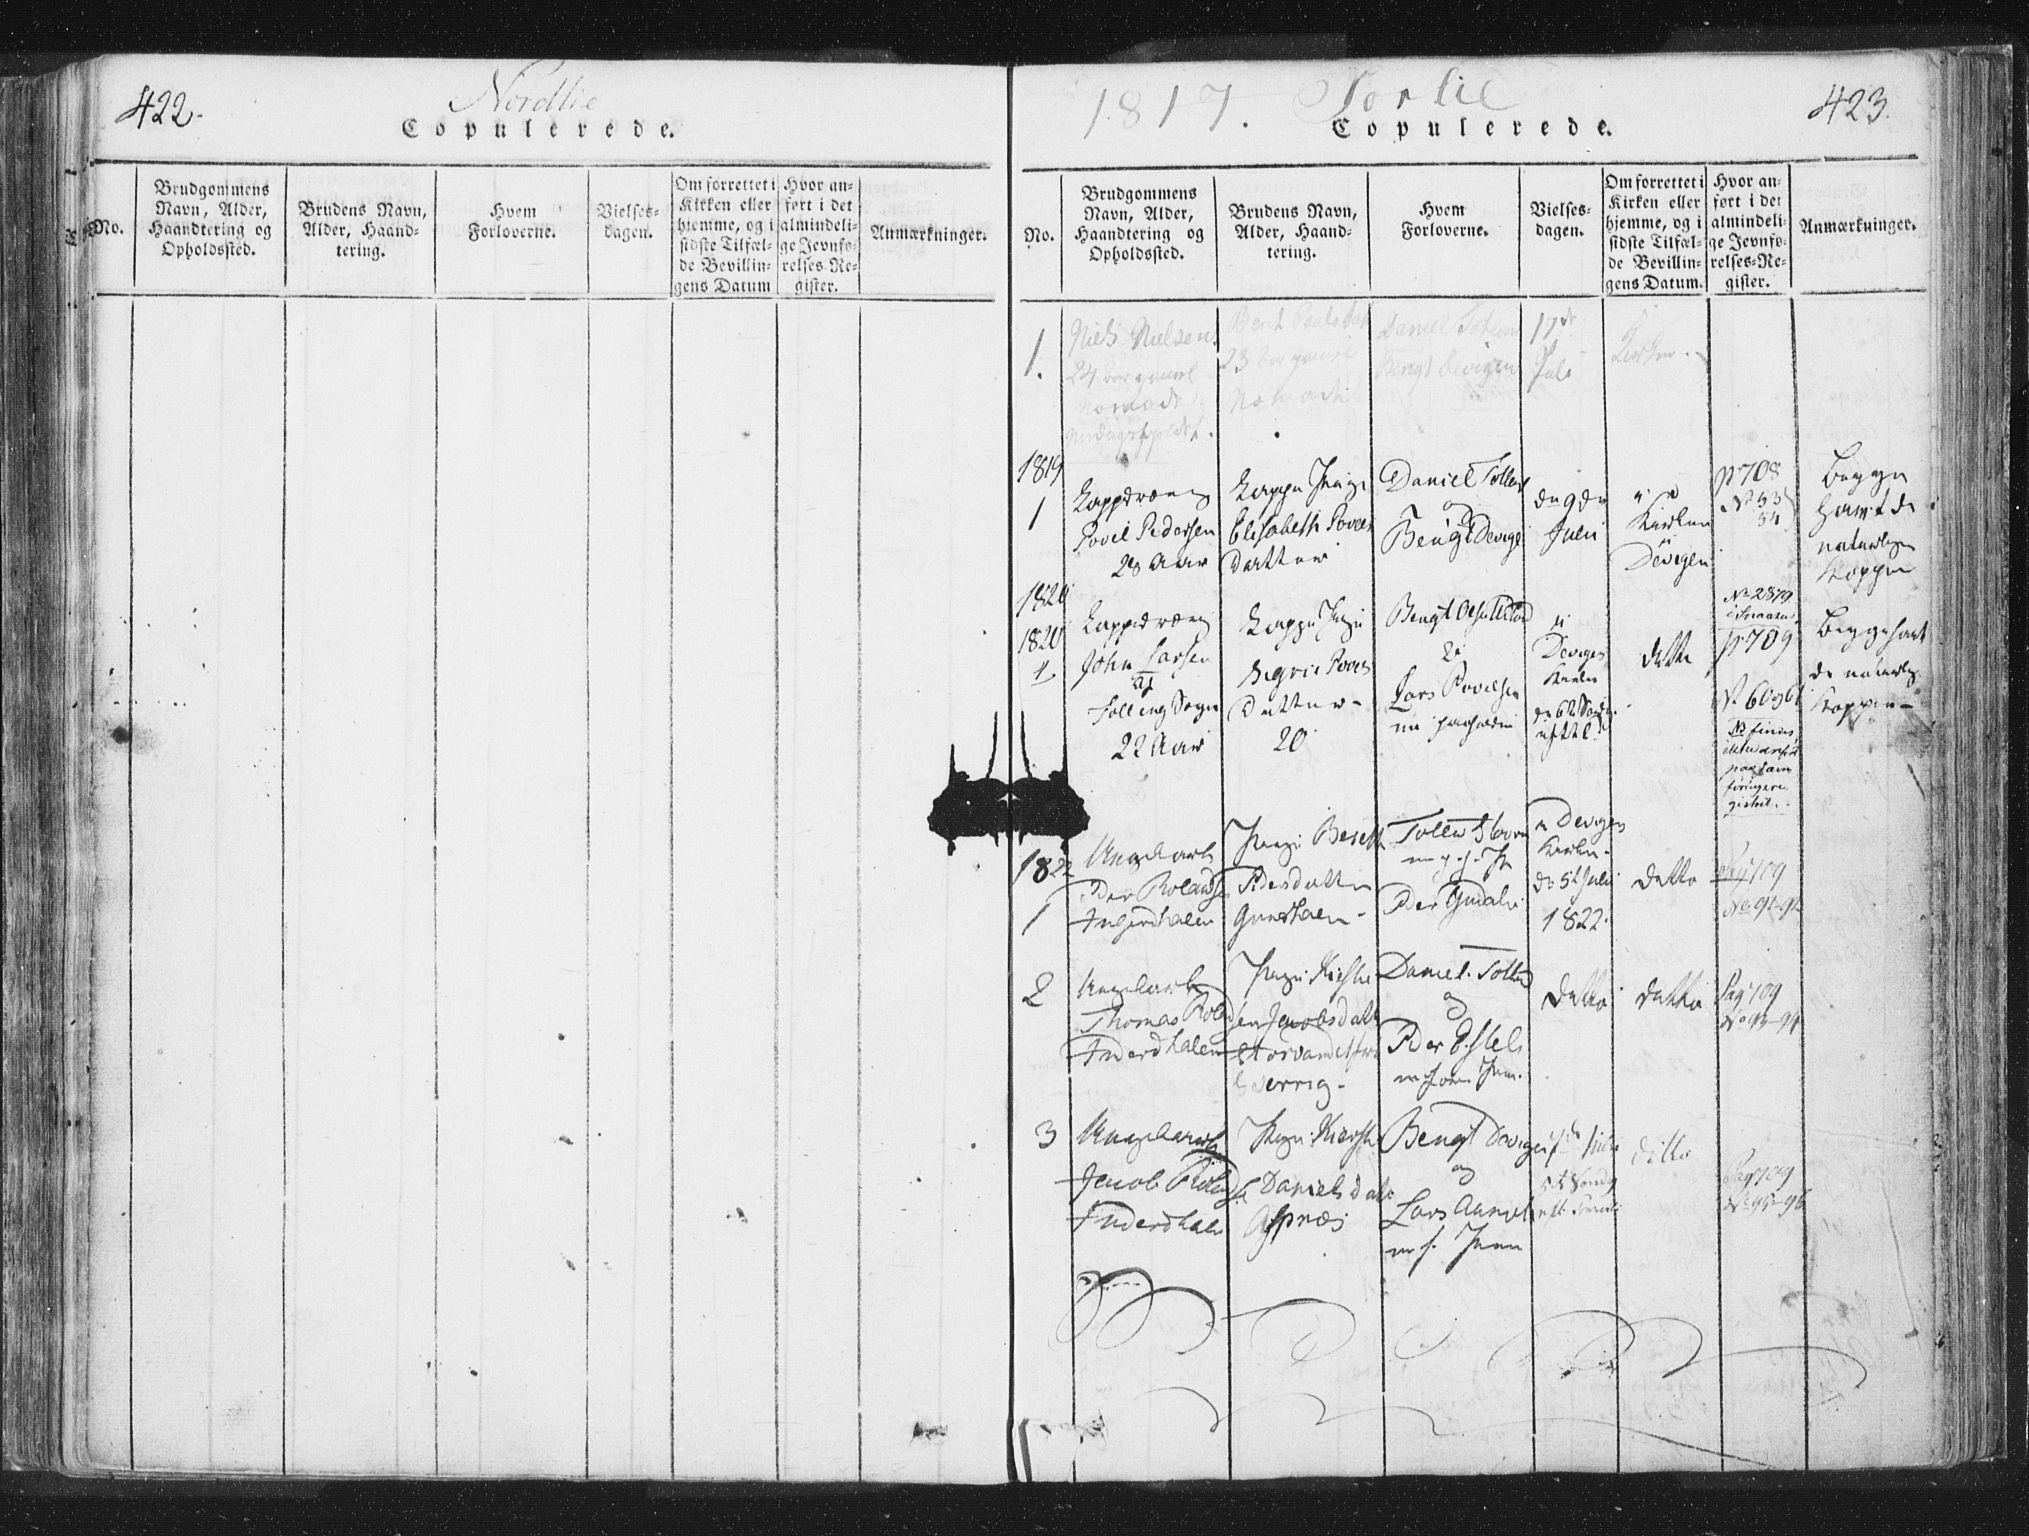 SAT, Ministerialprotokoller, klokkerbøker og fødselsregistre - Nord-Trøndelag, 755/L0491: Ministerialbok nr. 755A01 /2, 1817-1864, s. 422-423